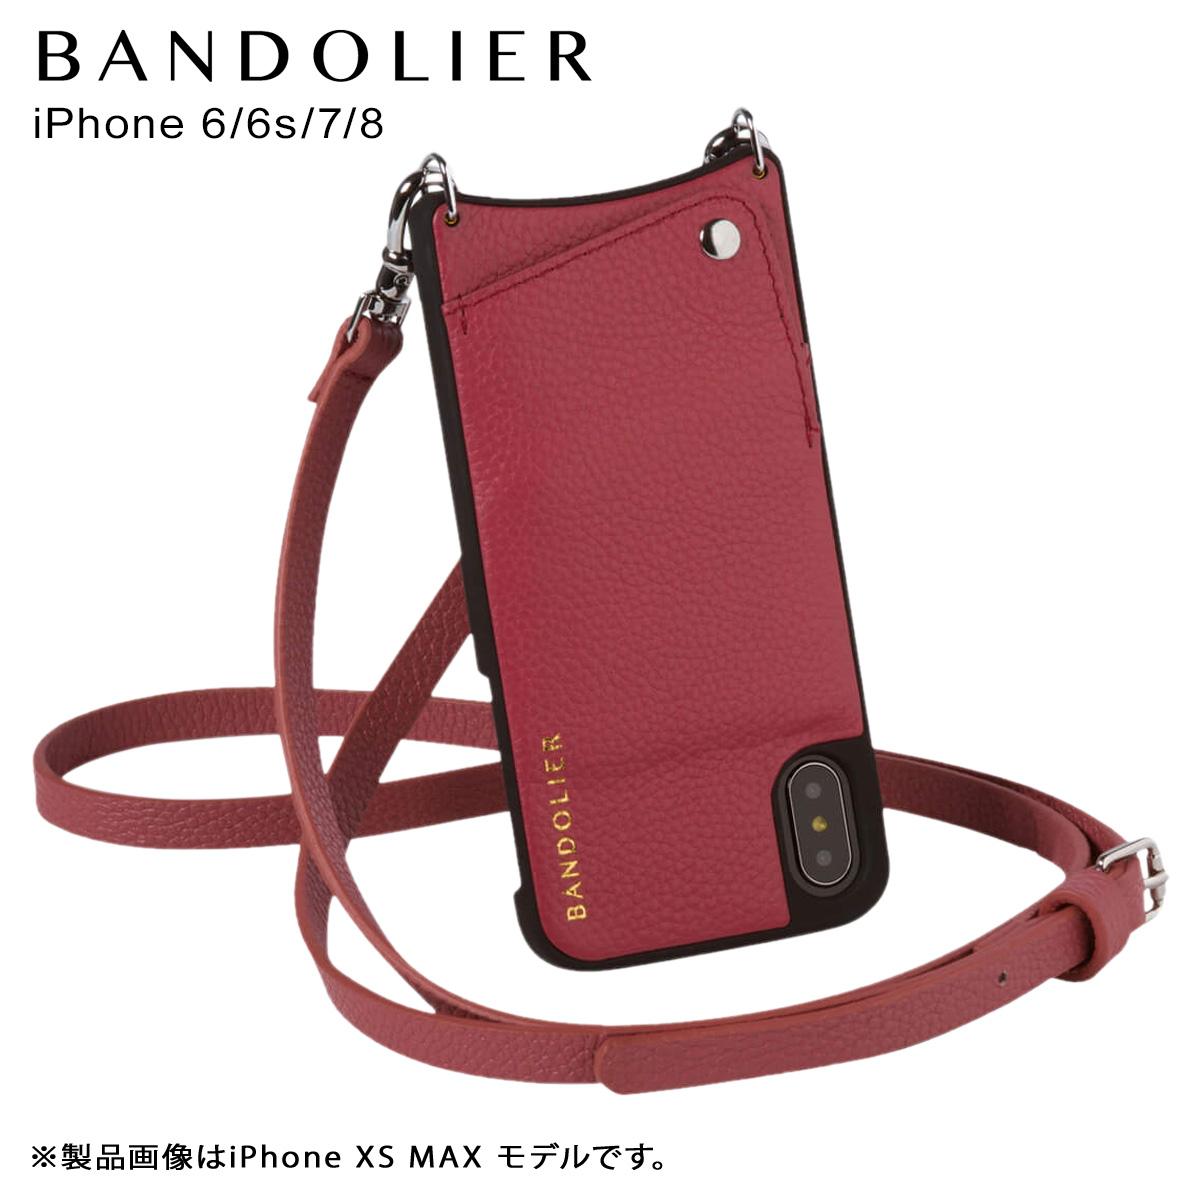 BANDOLIER iPhone 6 6s 7 8 EMMA MAGENTA RED バンドリヤー ケース ショルダー スマホ アイフォン レザー メンズ レディース マゼンタ レッド 10EMM1001